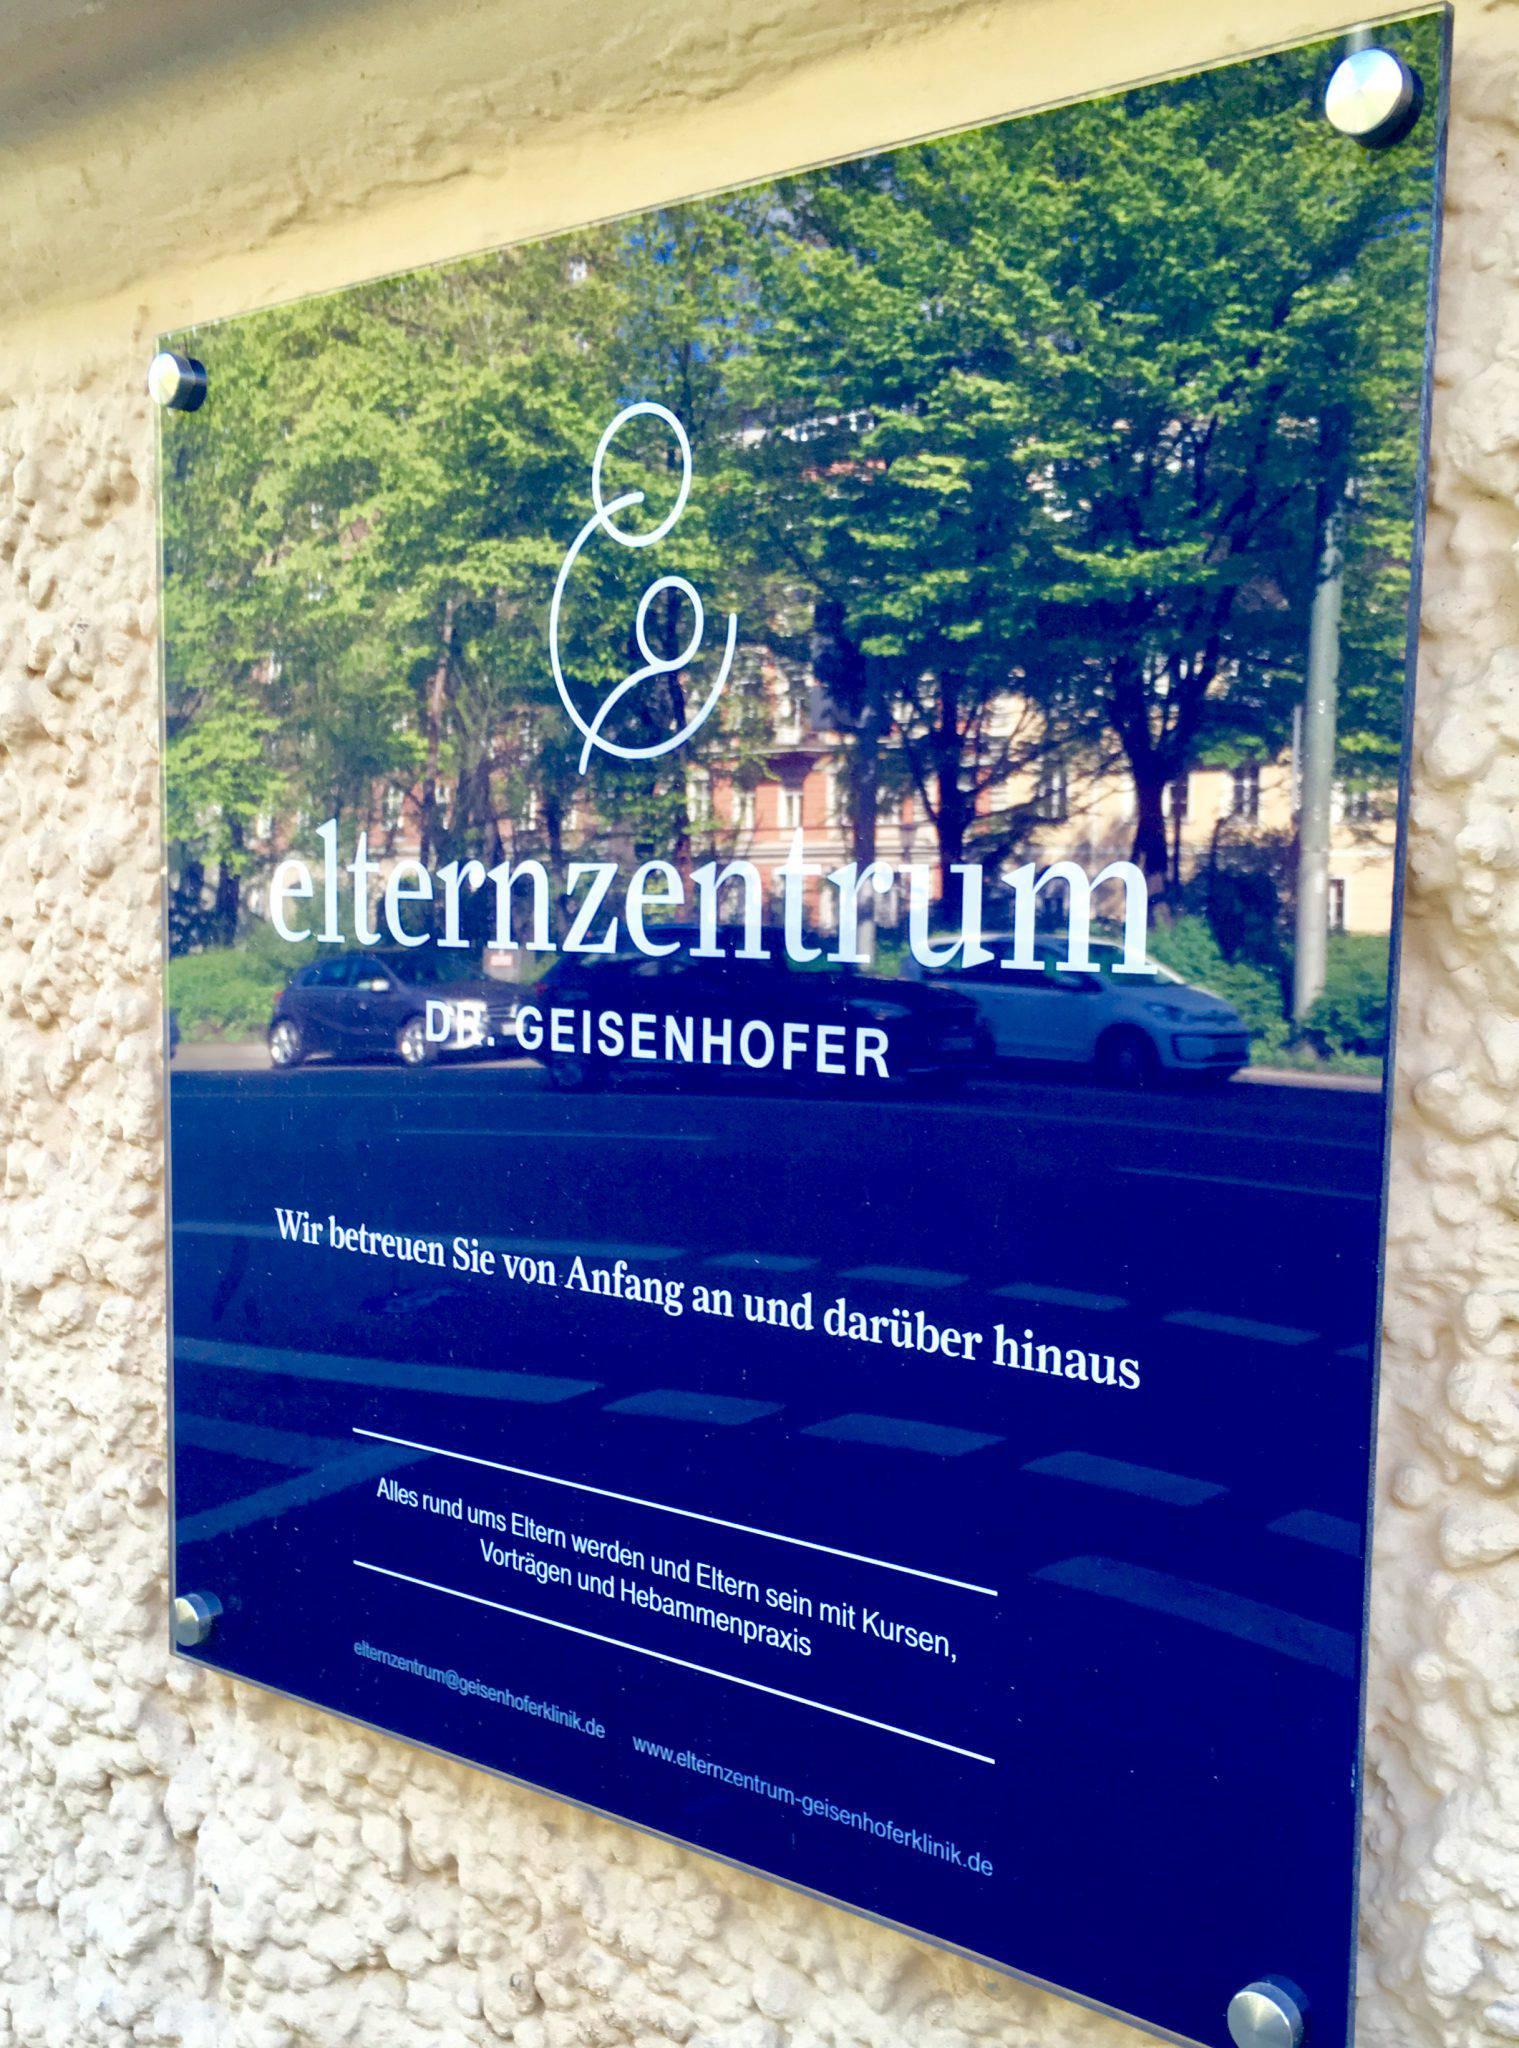 Elternzentrum Dr. Geisenhofer, Muenchen